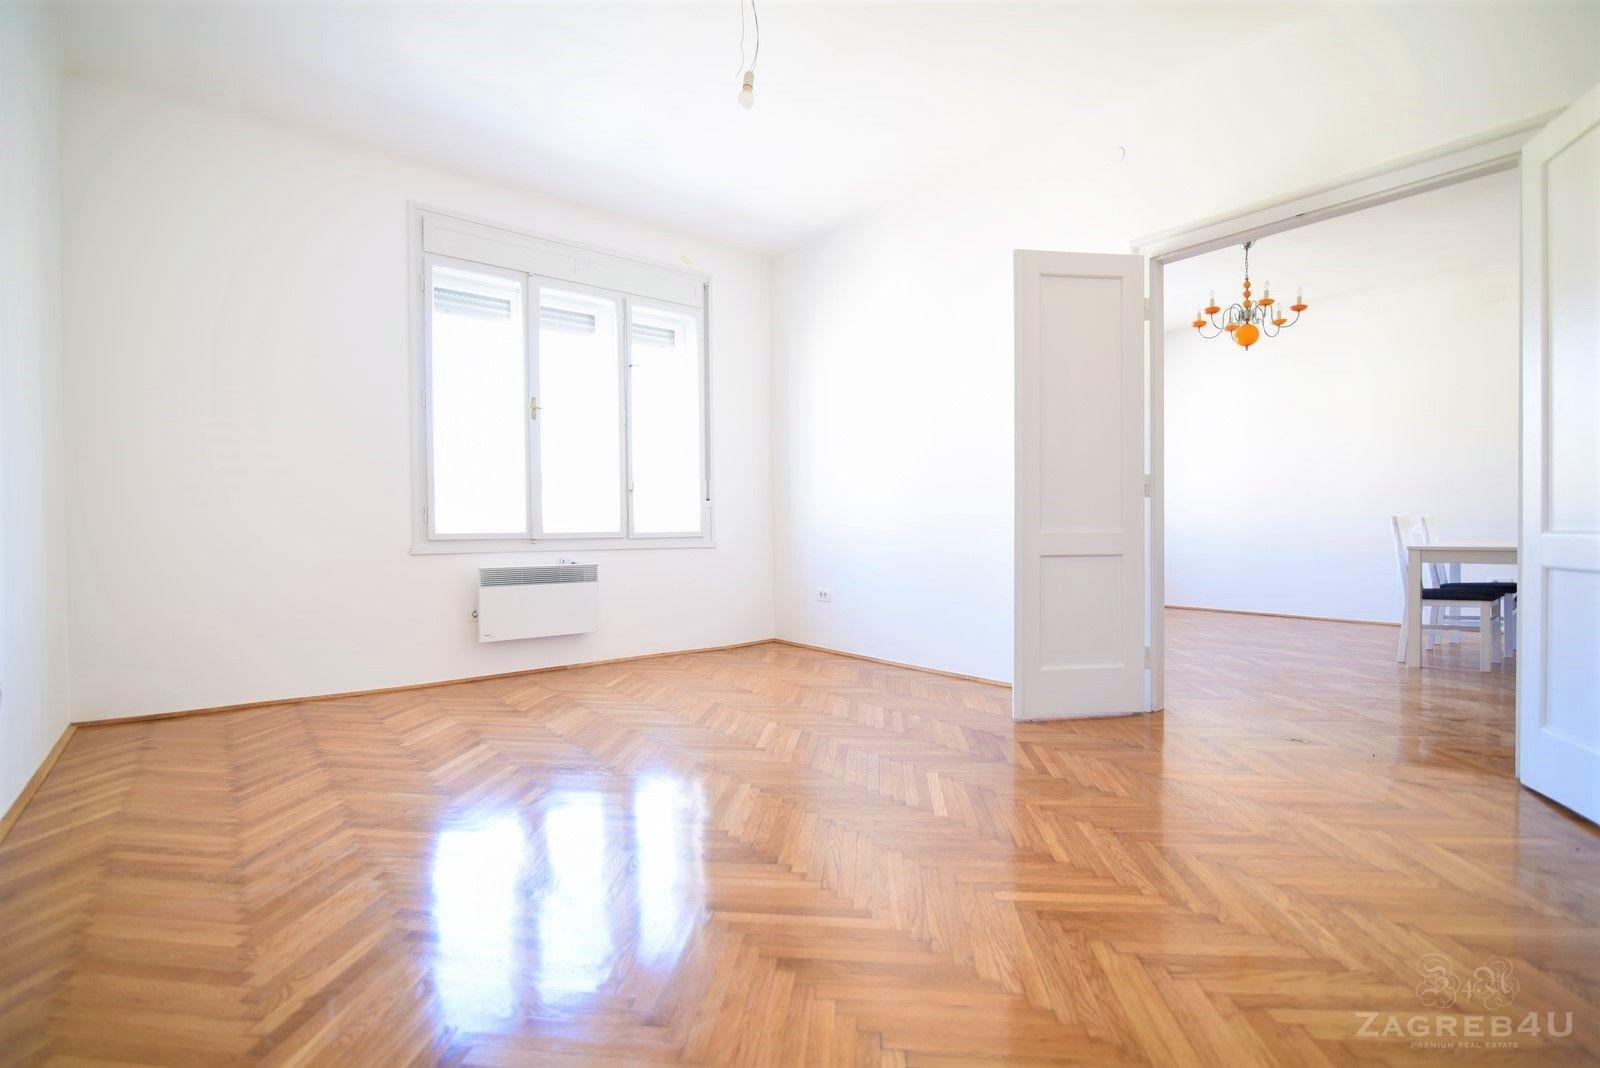 Zagreb - Donji grad - 3-sobni stan za najam (82 m2) - Zvonimirova